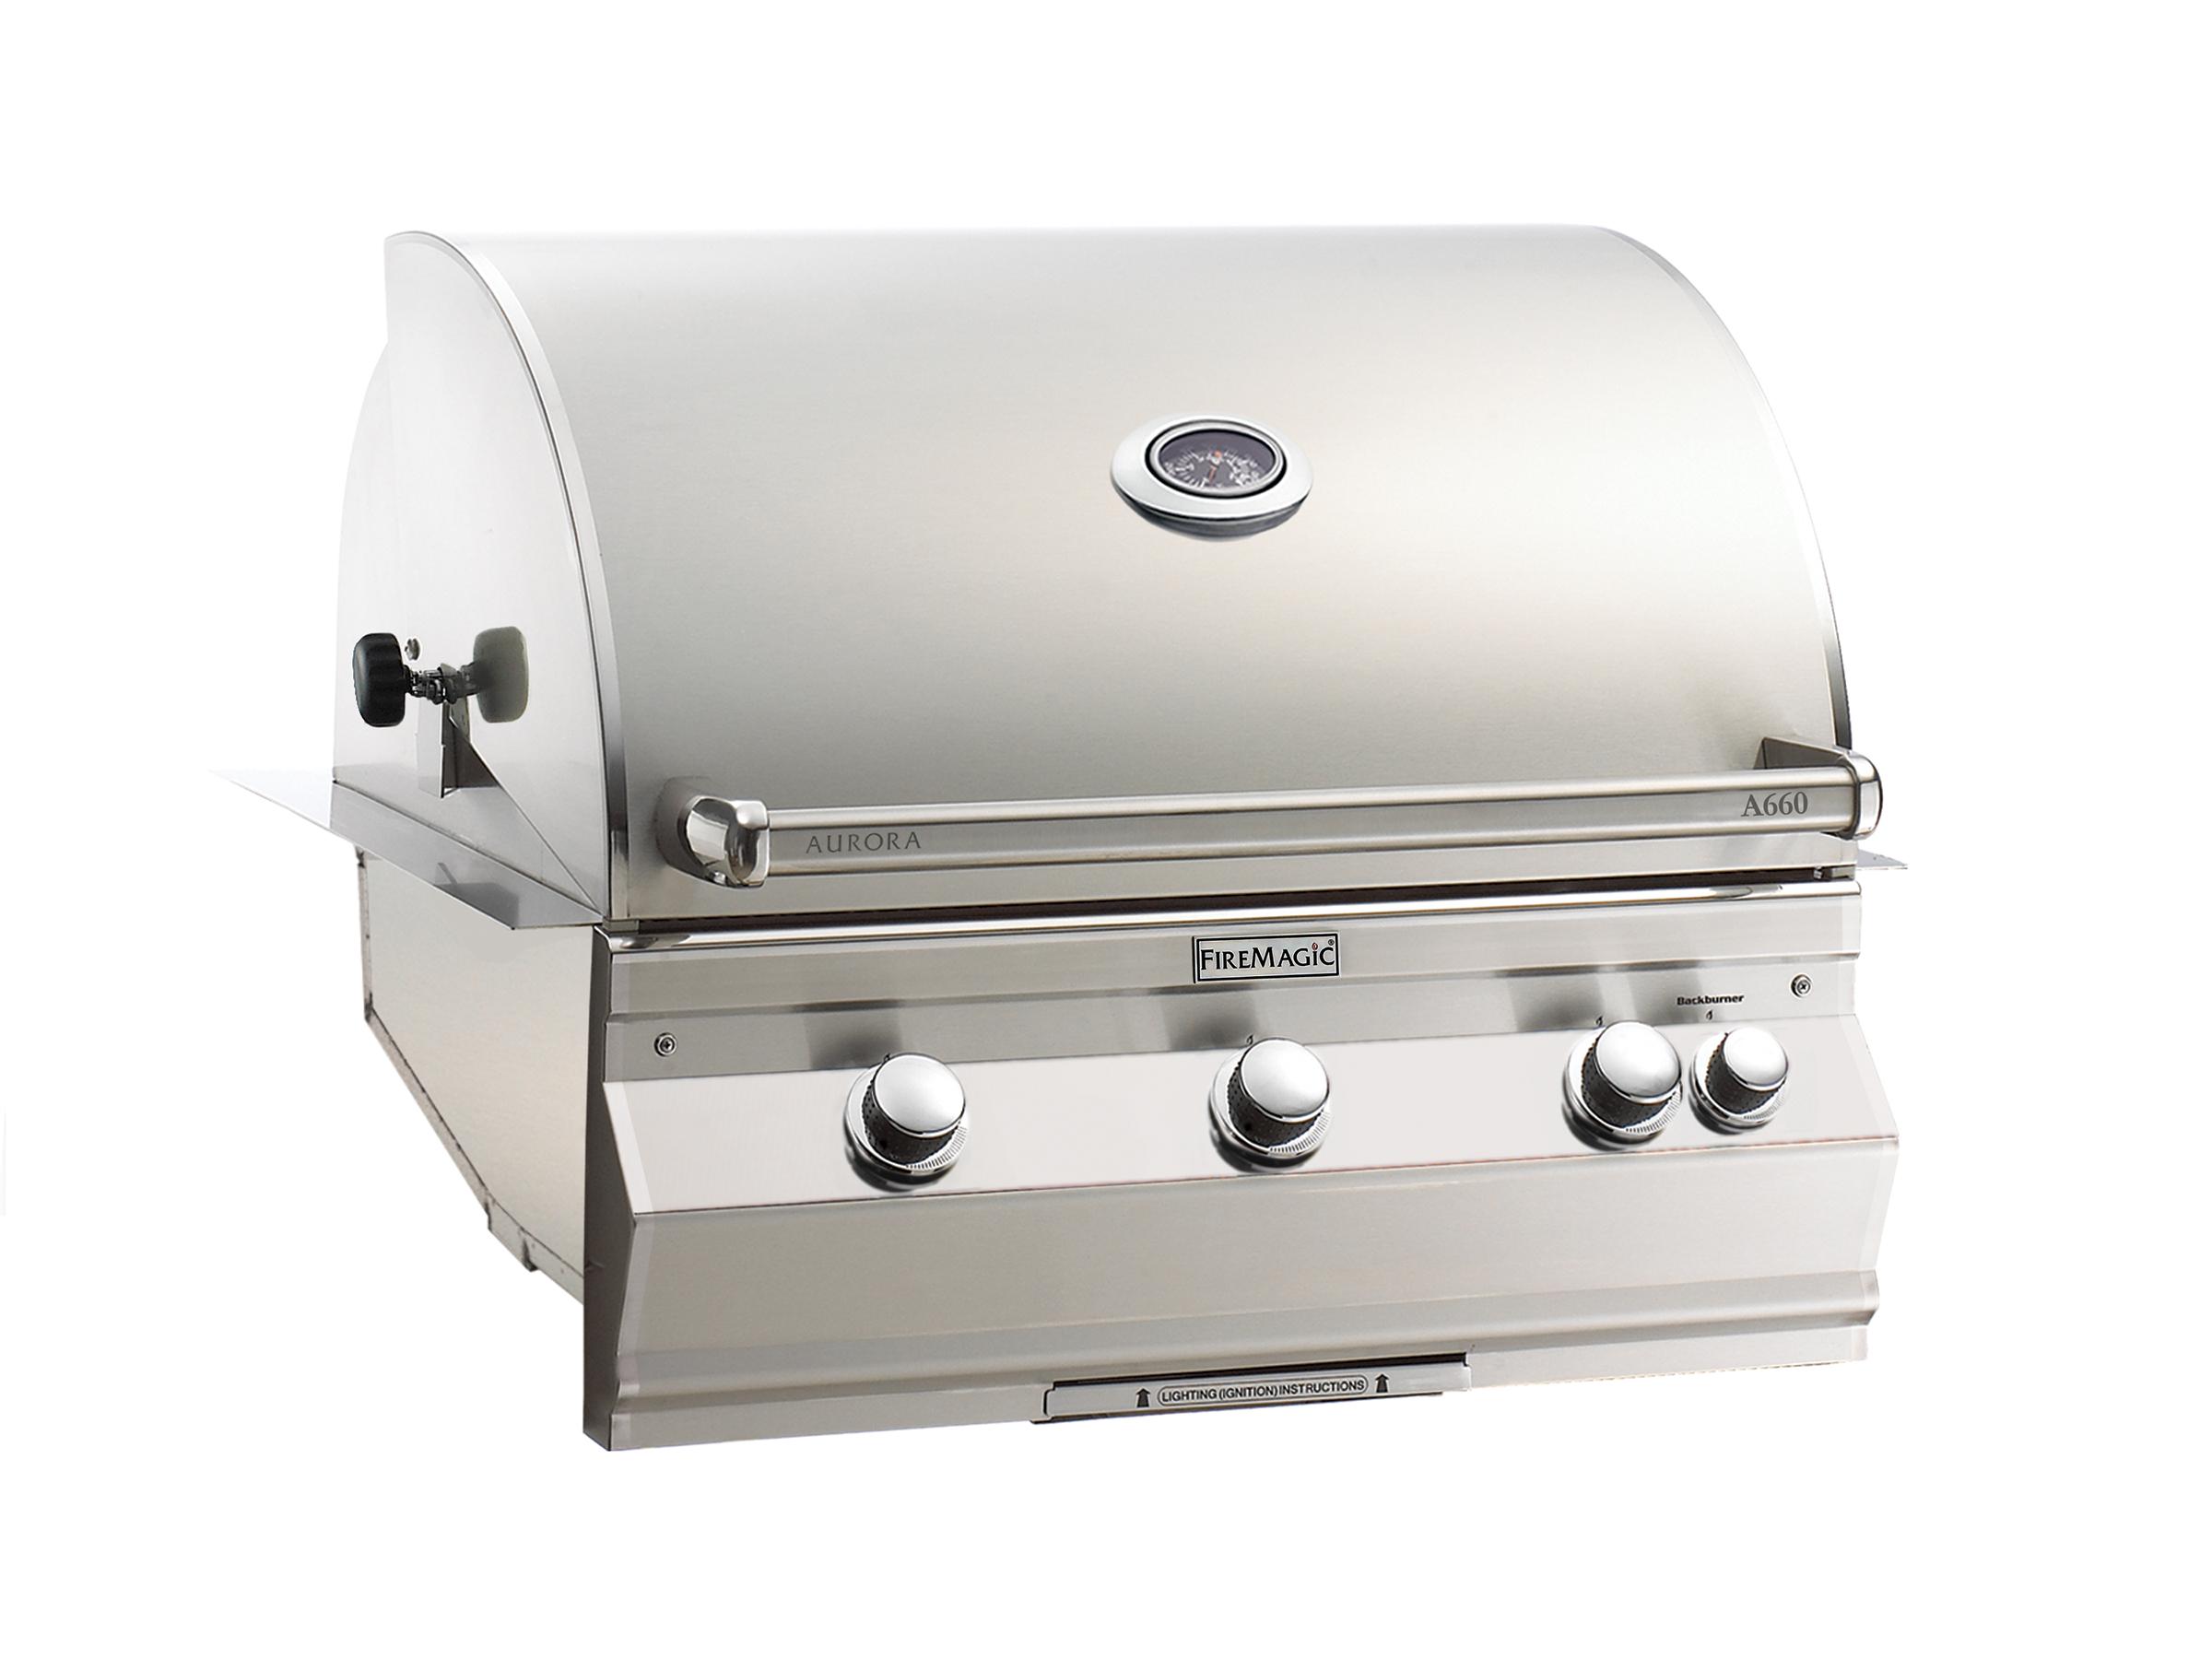 fm-a660i-aurora-analog-built-in-grill.jpg